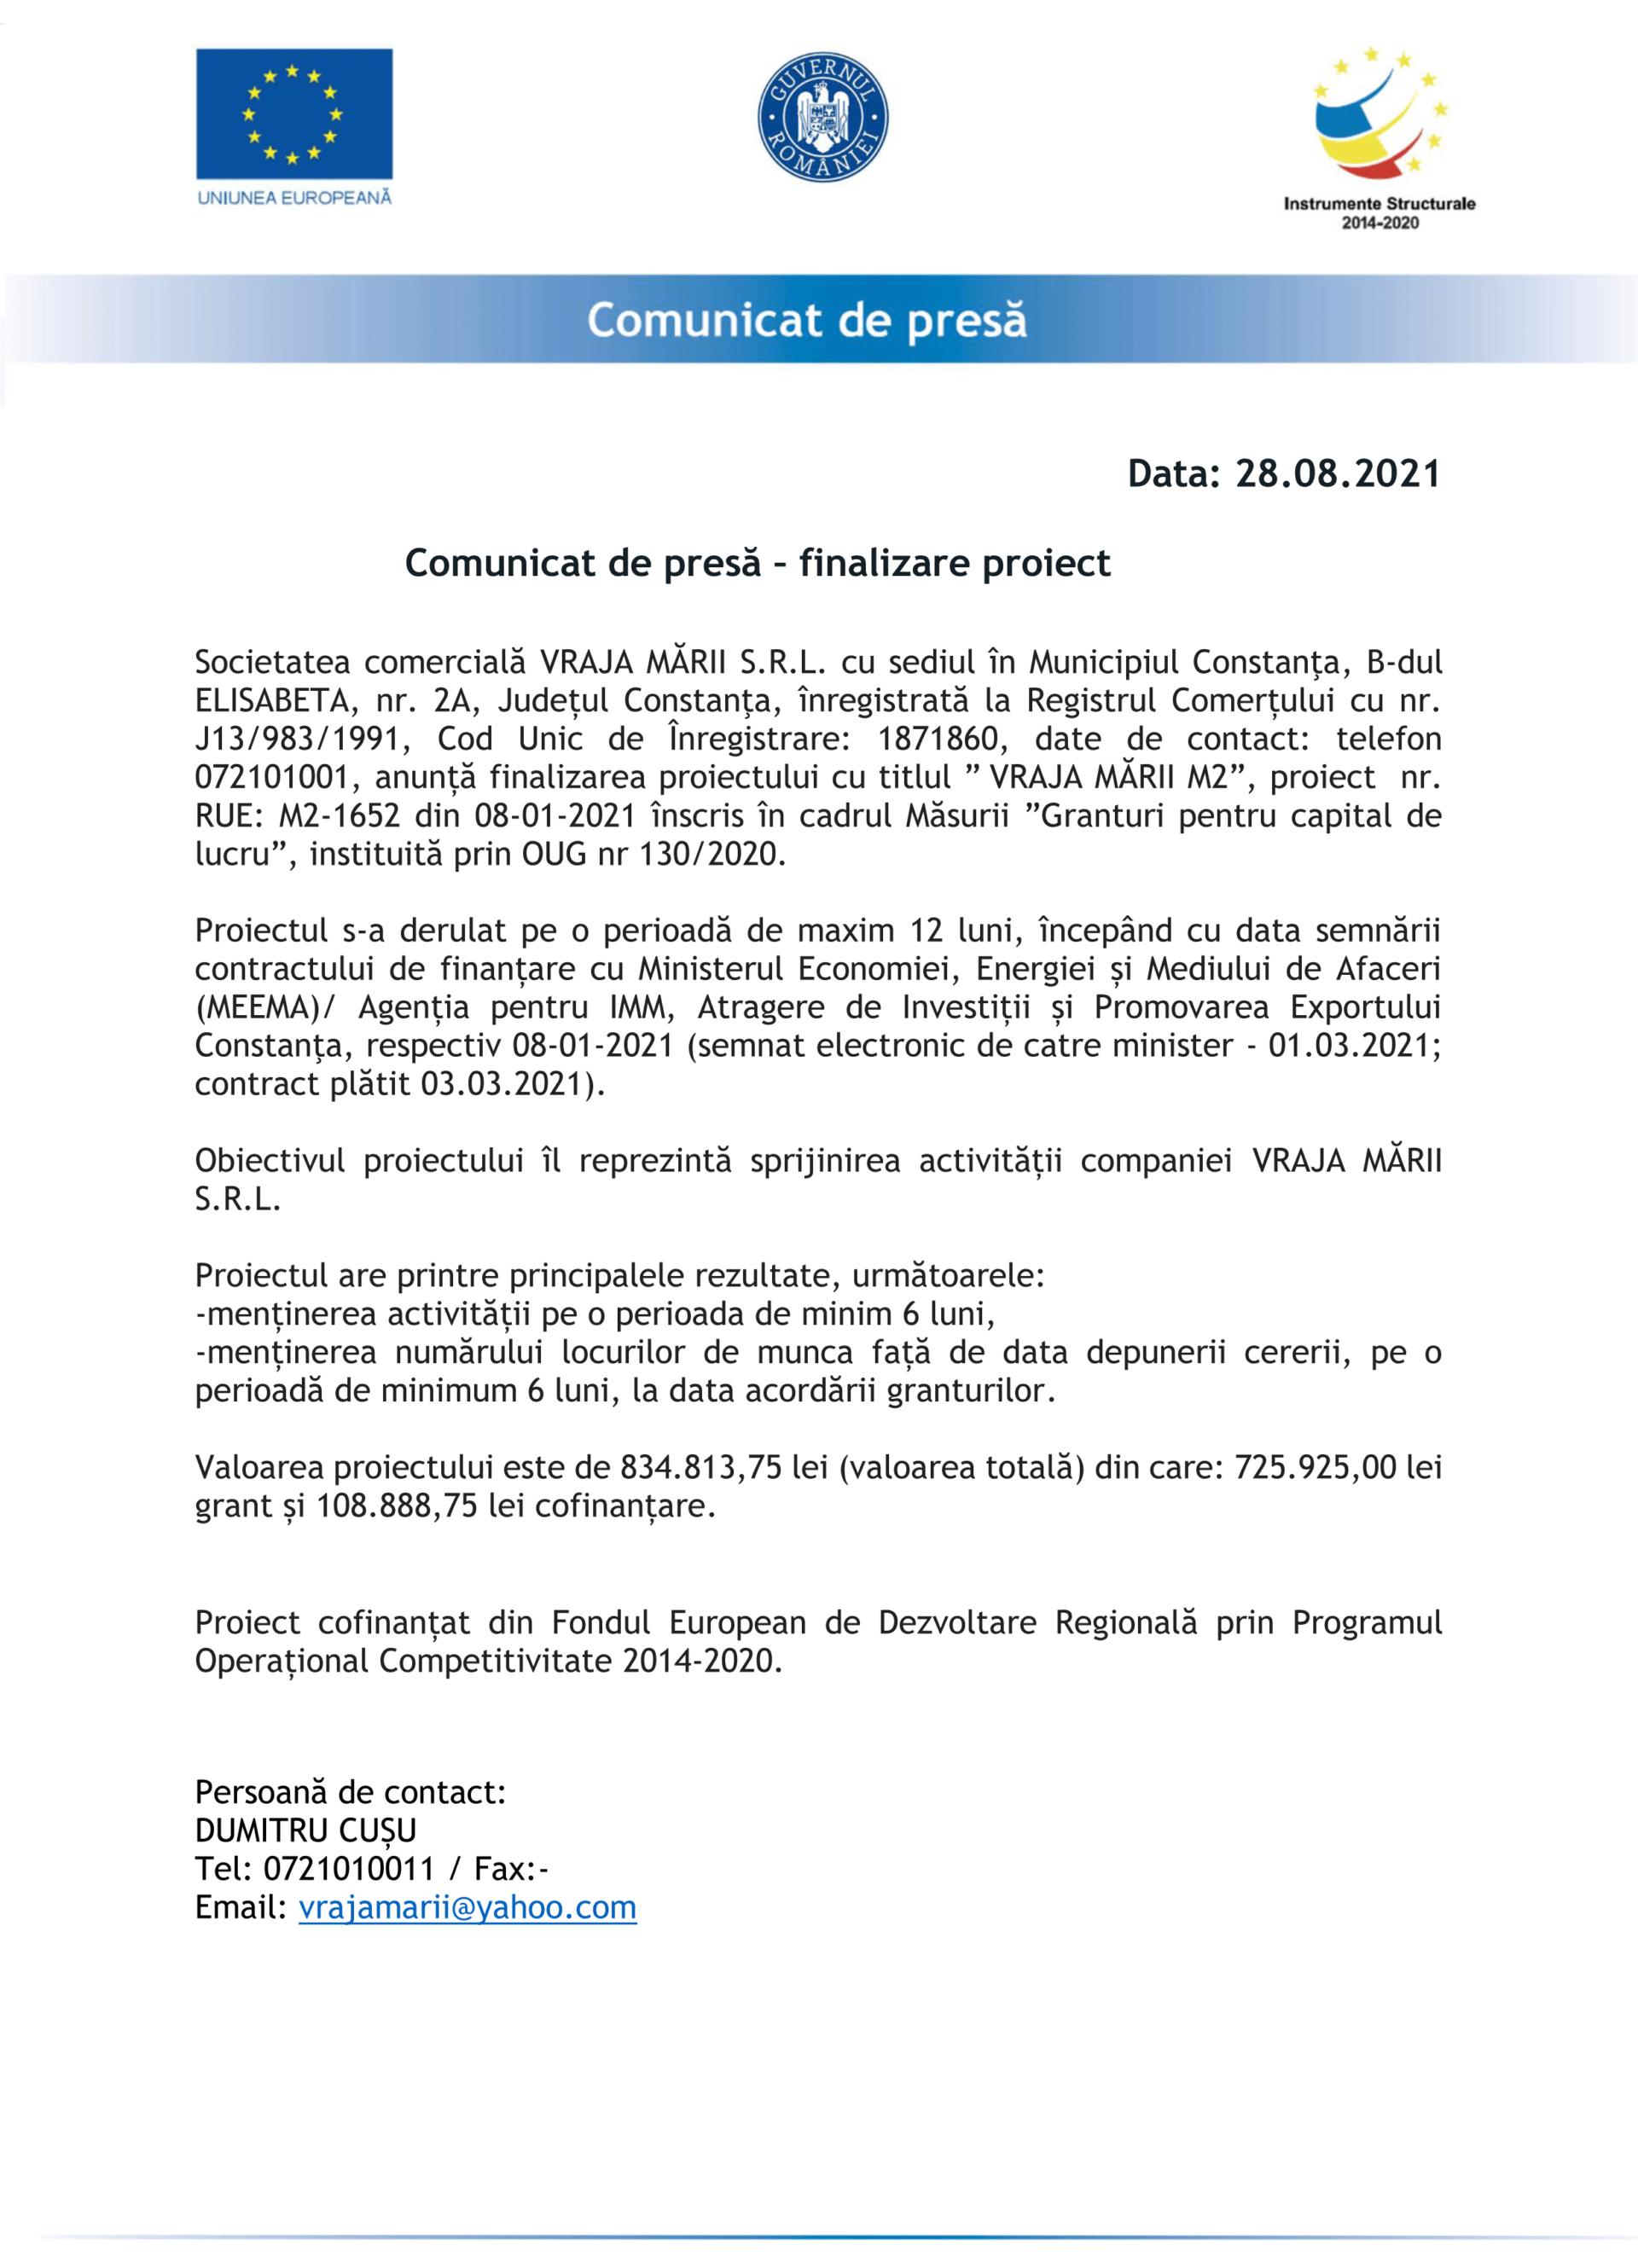 Comunicat_de_Presa_VRAJA-MARII-SRL